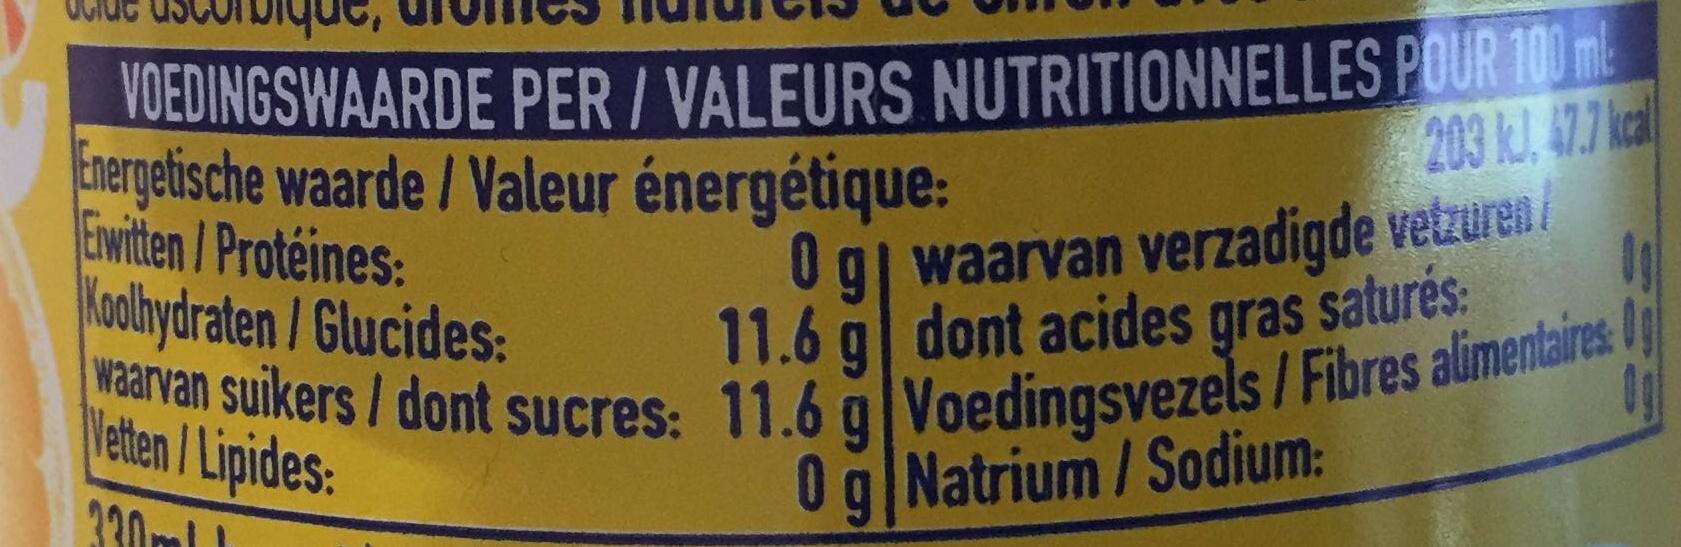 Fanta citron frappé - Información nutricional - fr